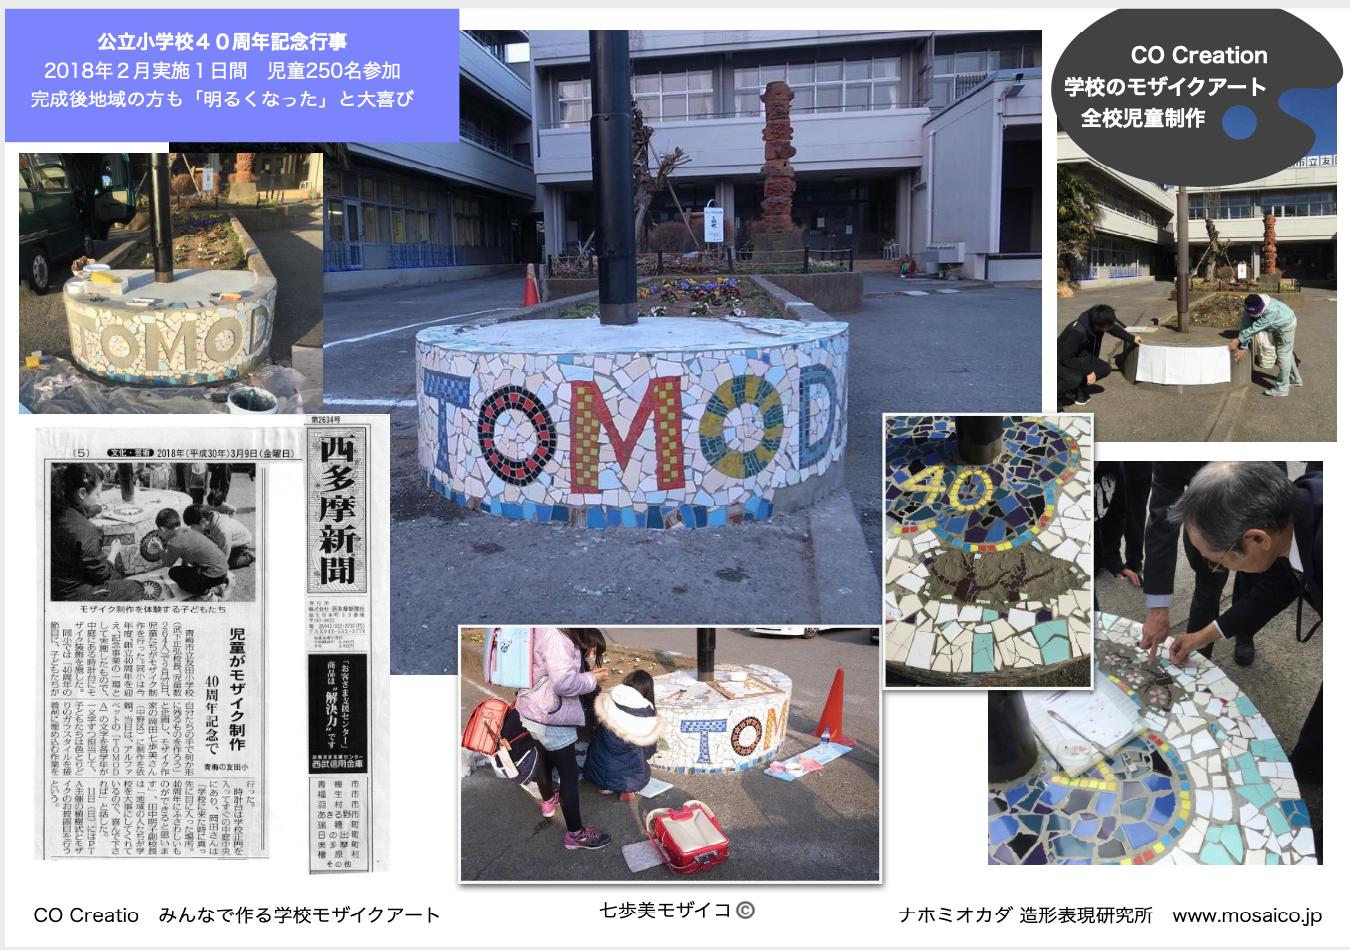 七歩美モザイコ ダウンロード資料 学校モザイクアート